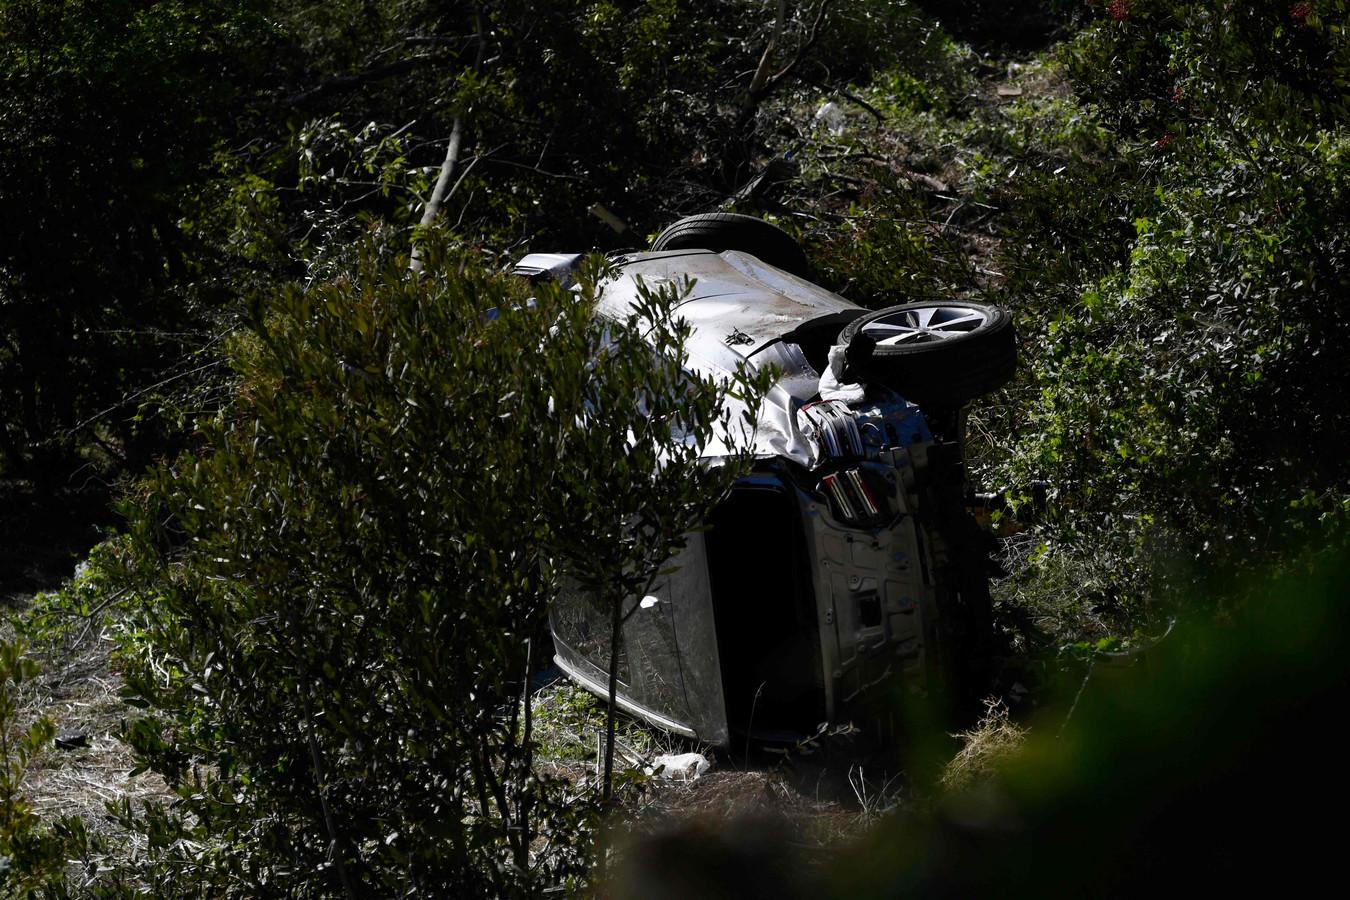 Le véhicule de la star du golf était sorti de la route avant d'effectuer plusieurs tonneaux à Ranchos Palos Verdes, près de Los Angeles, et Tiger Woods, 45 ans, avait eu la jambe droite brisée.